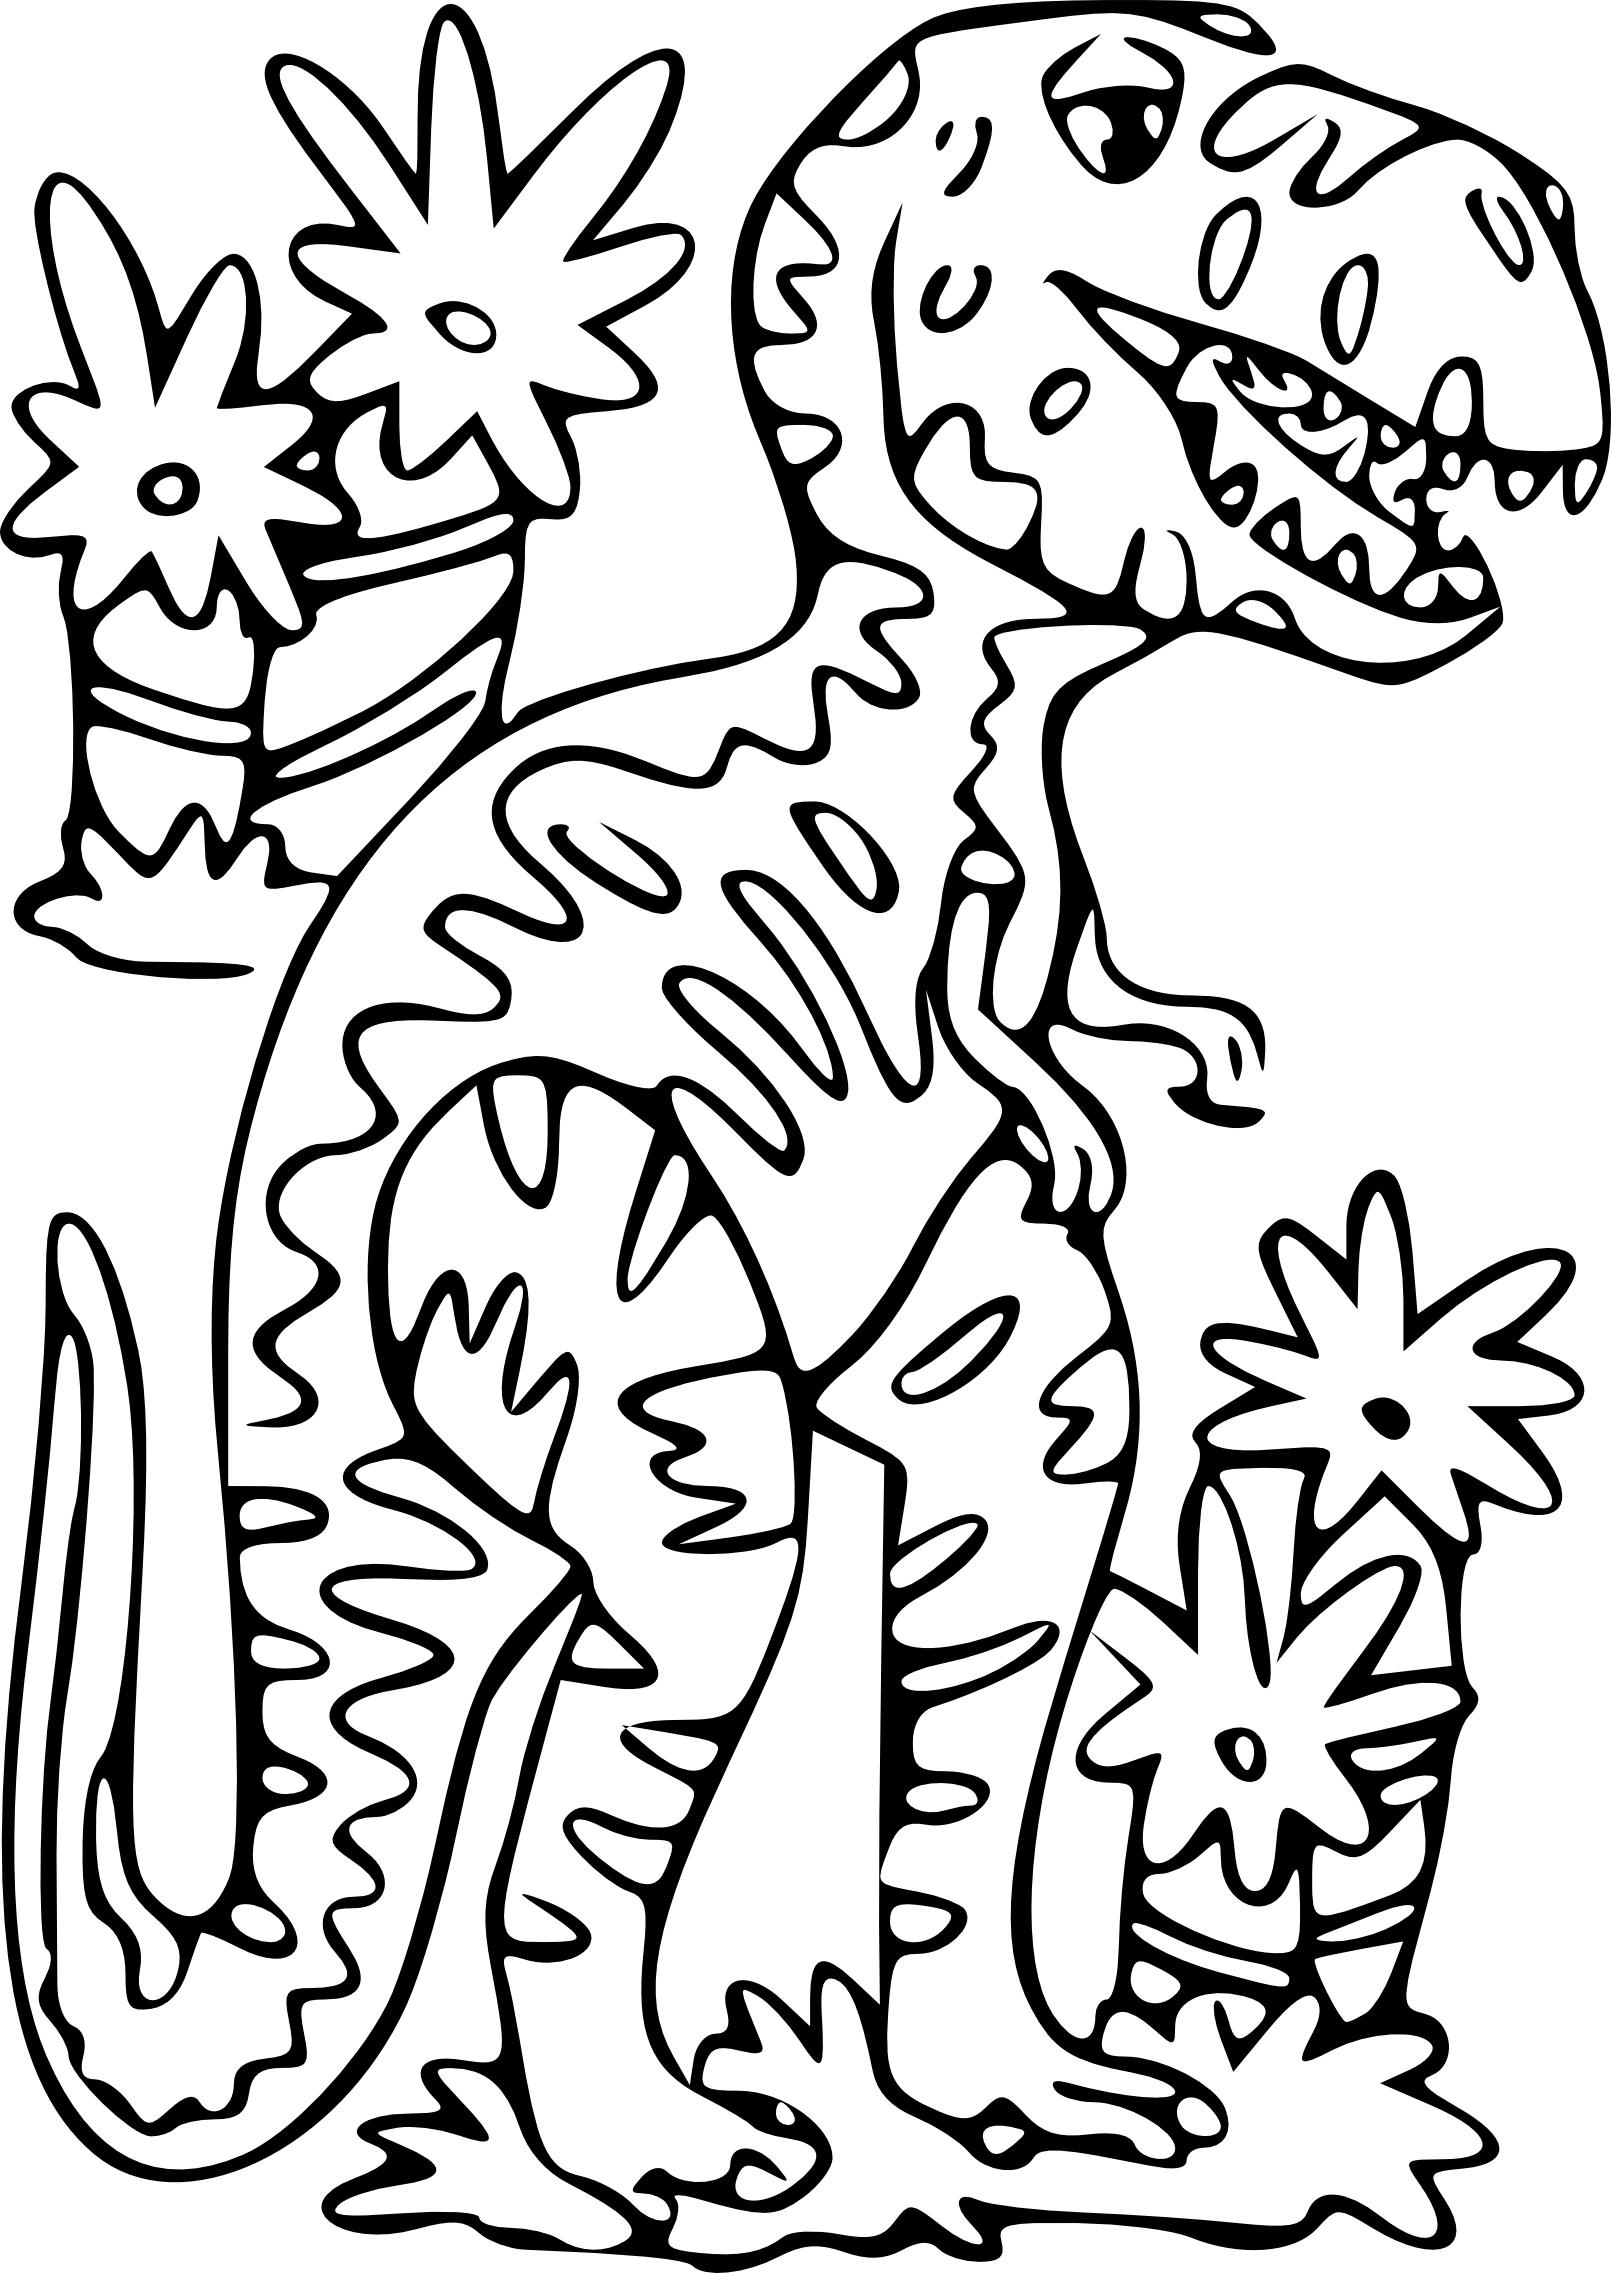 Coloriage Dinosaure T-Rex à imprimer sur COLORIAGES .info